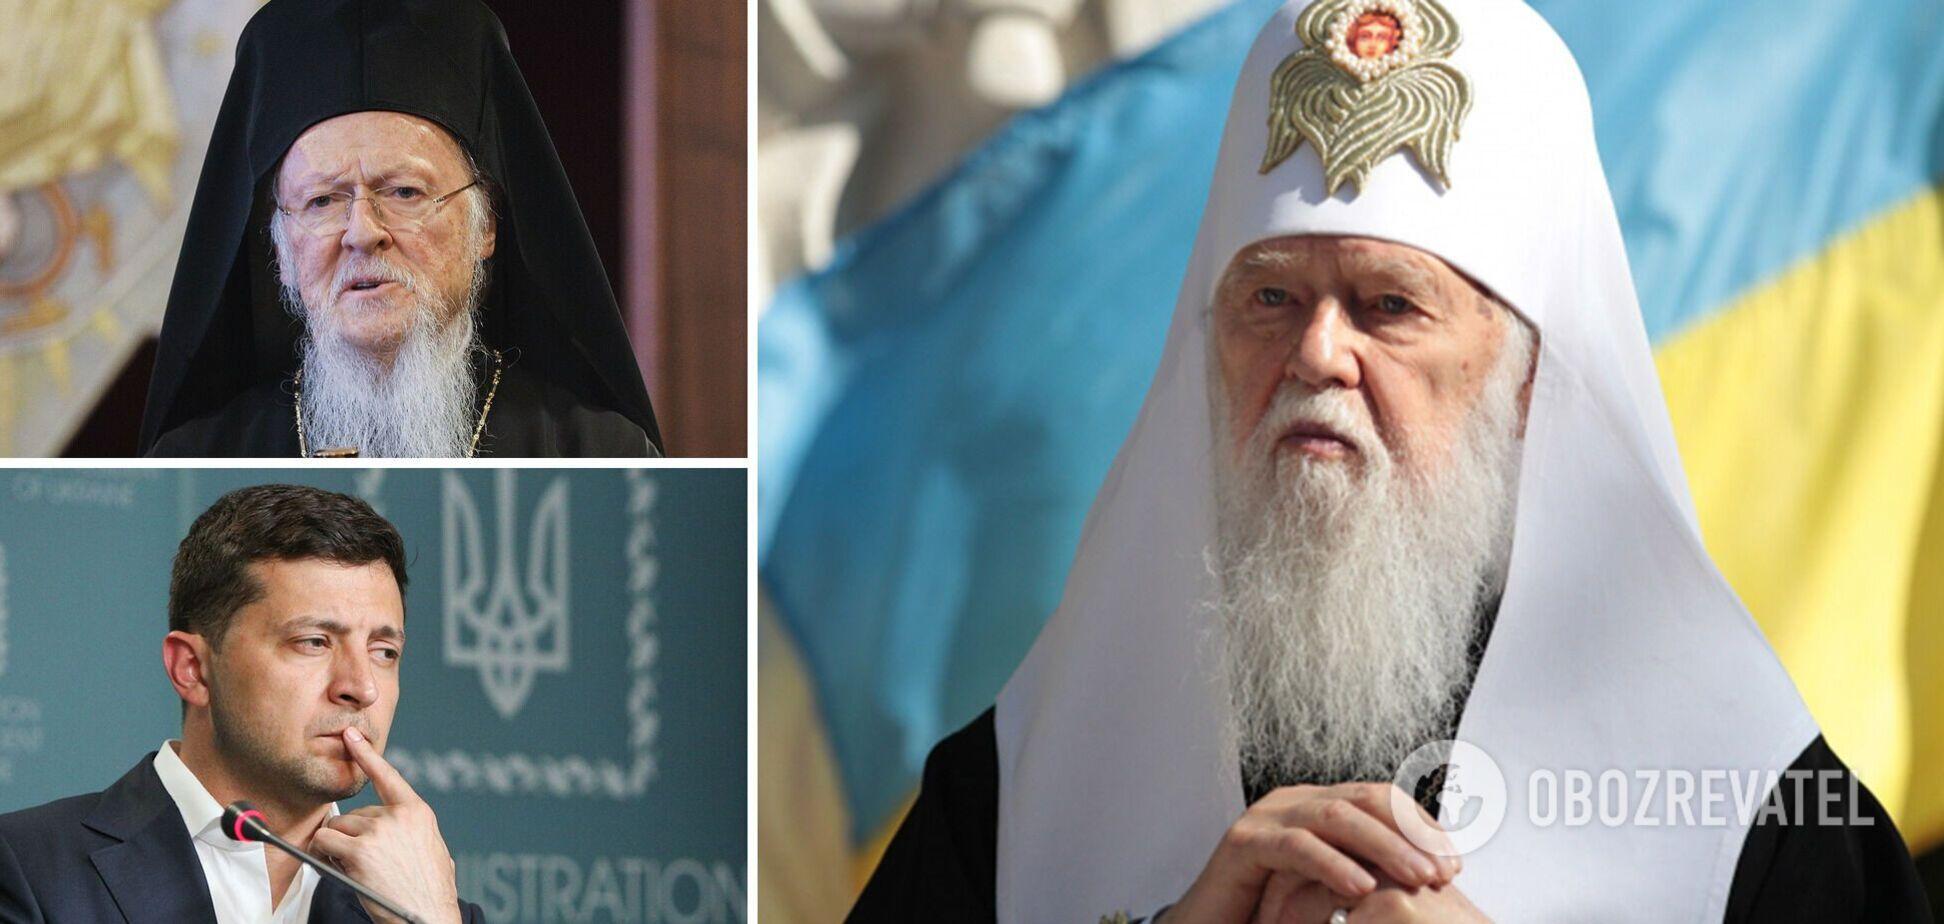 Філарет закликав Зеленського вимагати від Варфоломія новий Томос для України